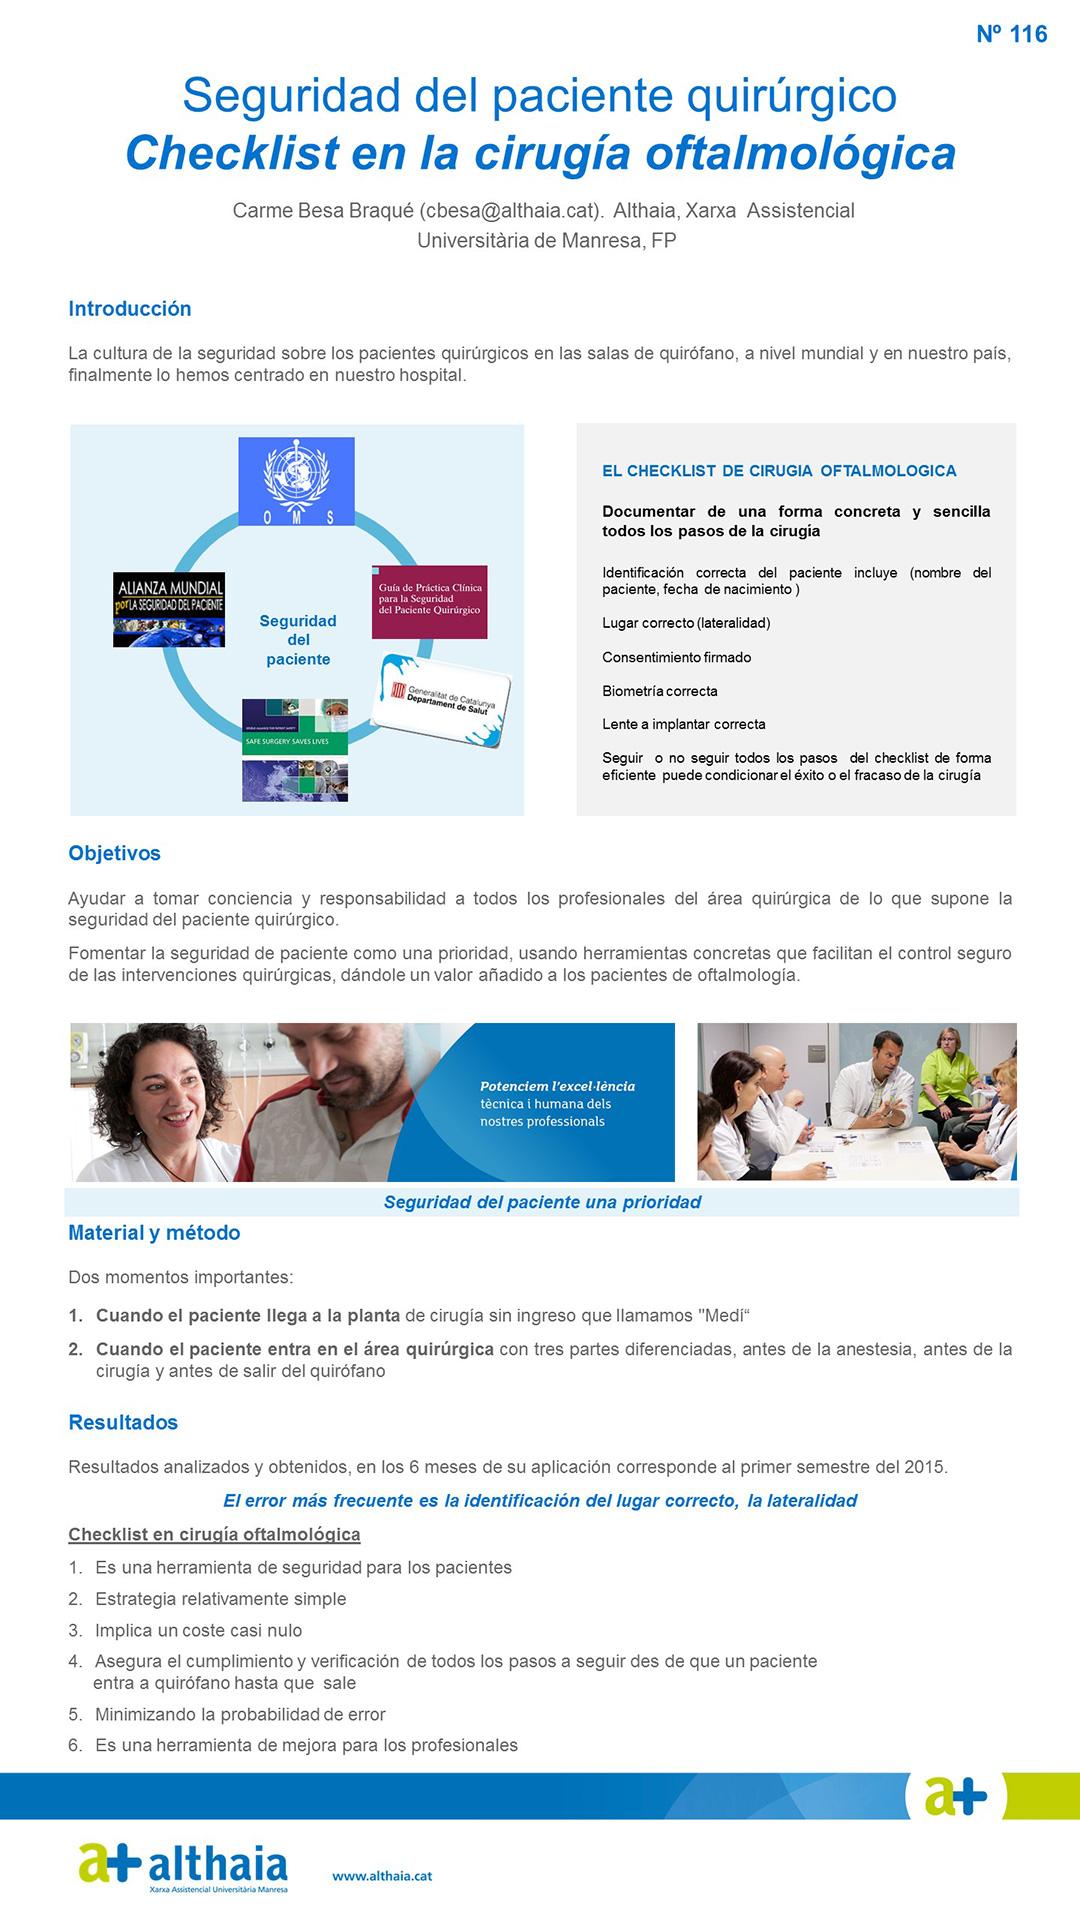 Circuito Quirurgico : Resúmenes de posters xii congreso nacional de enfermería quirúrgica